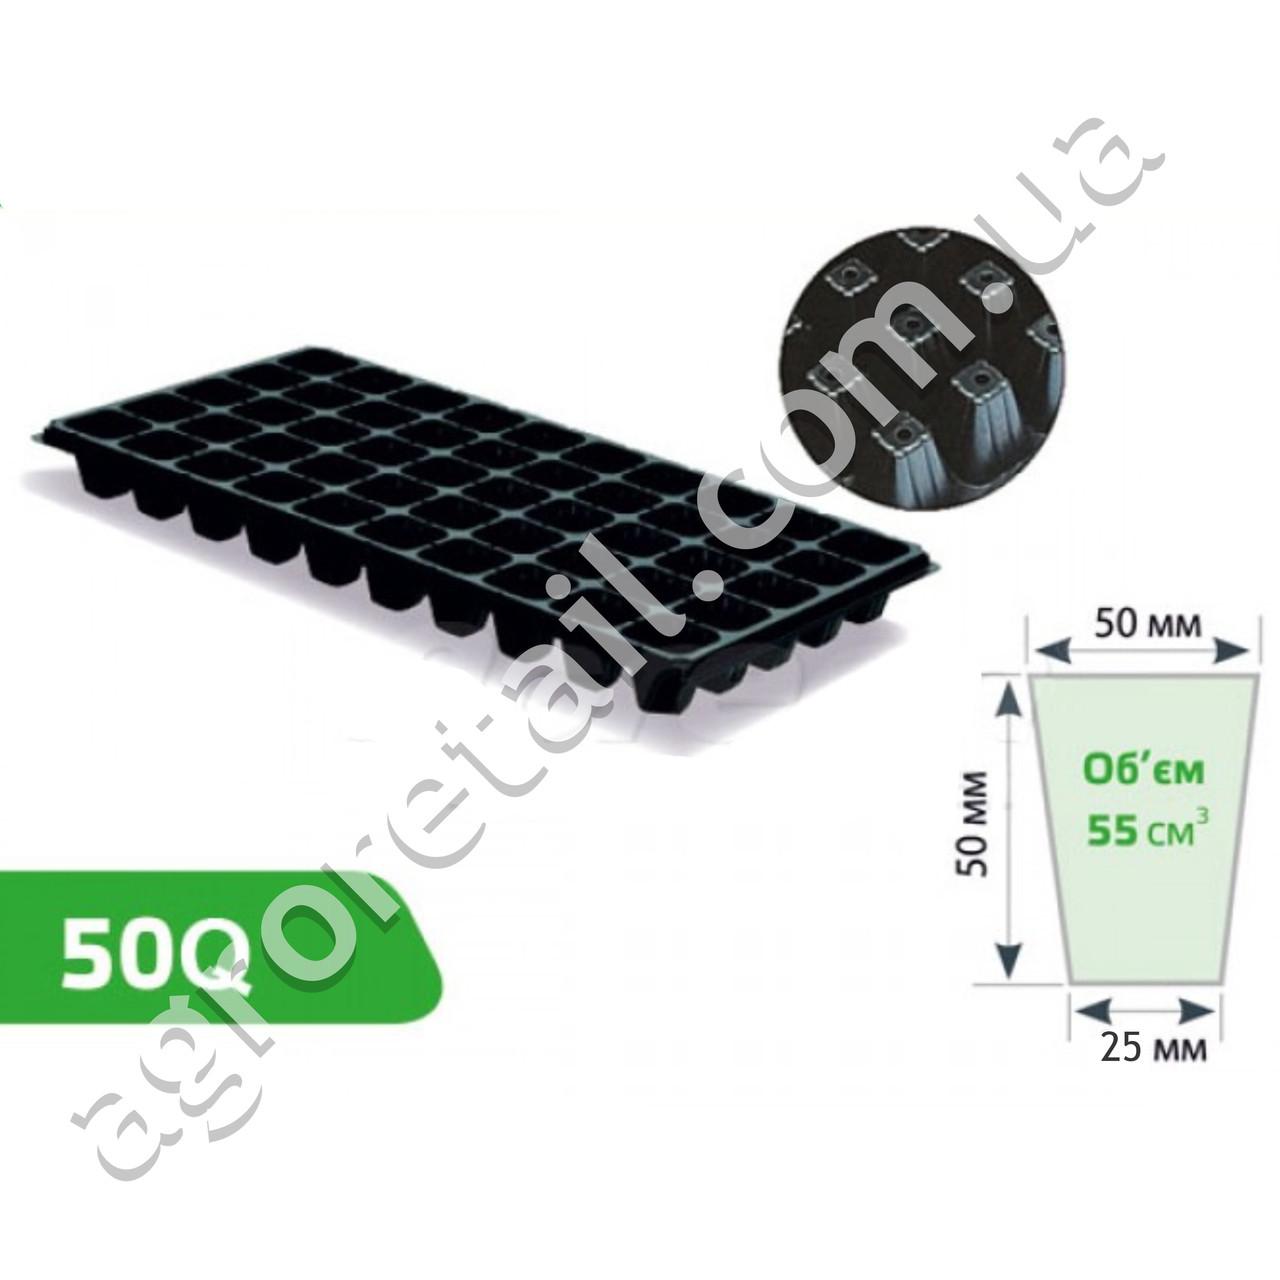 Кассета для рассады без поддона 50 ячеек 50х50х25 мм толщина 0.7 мм